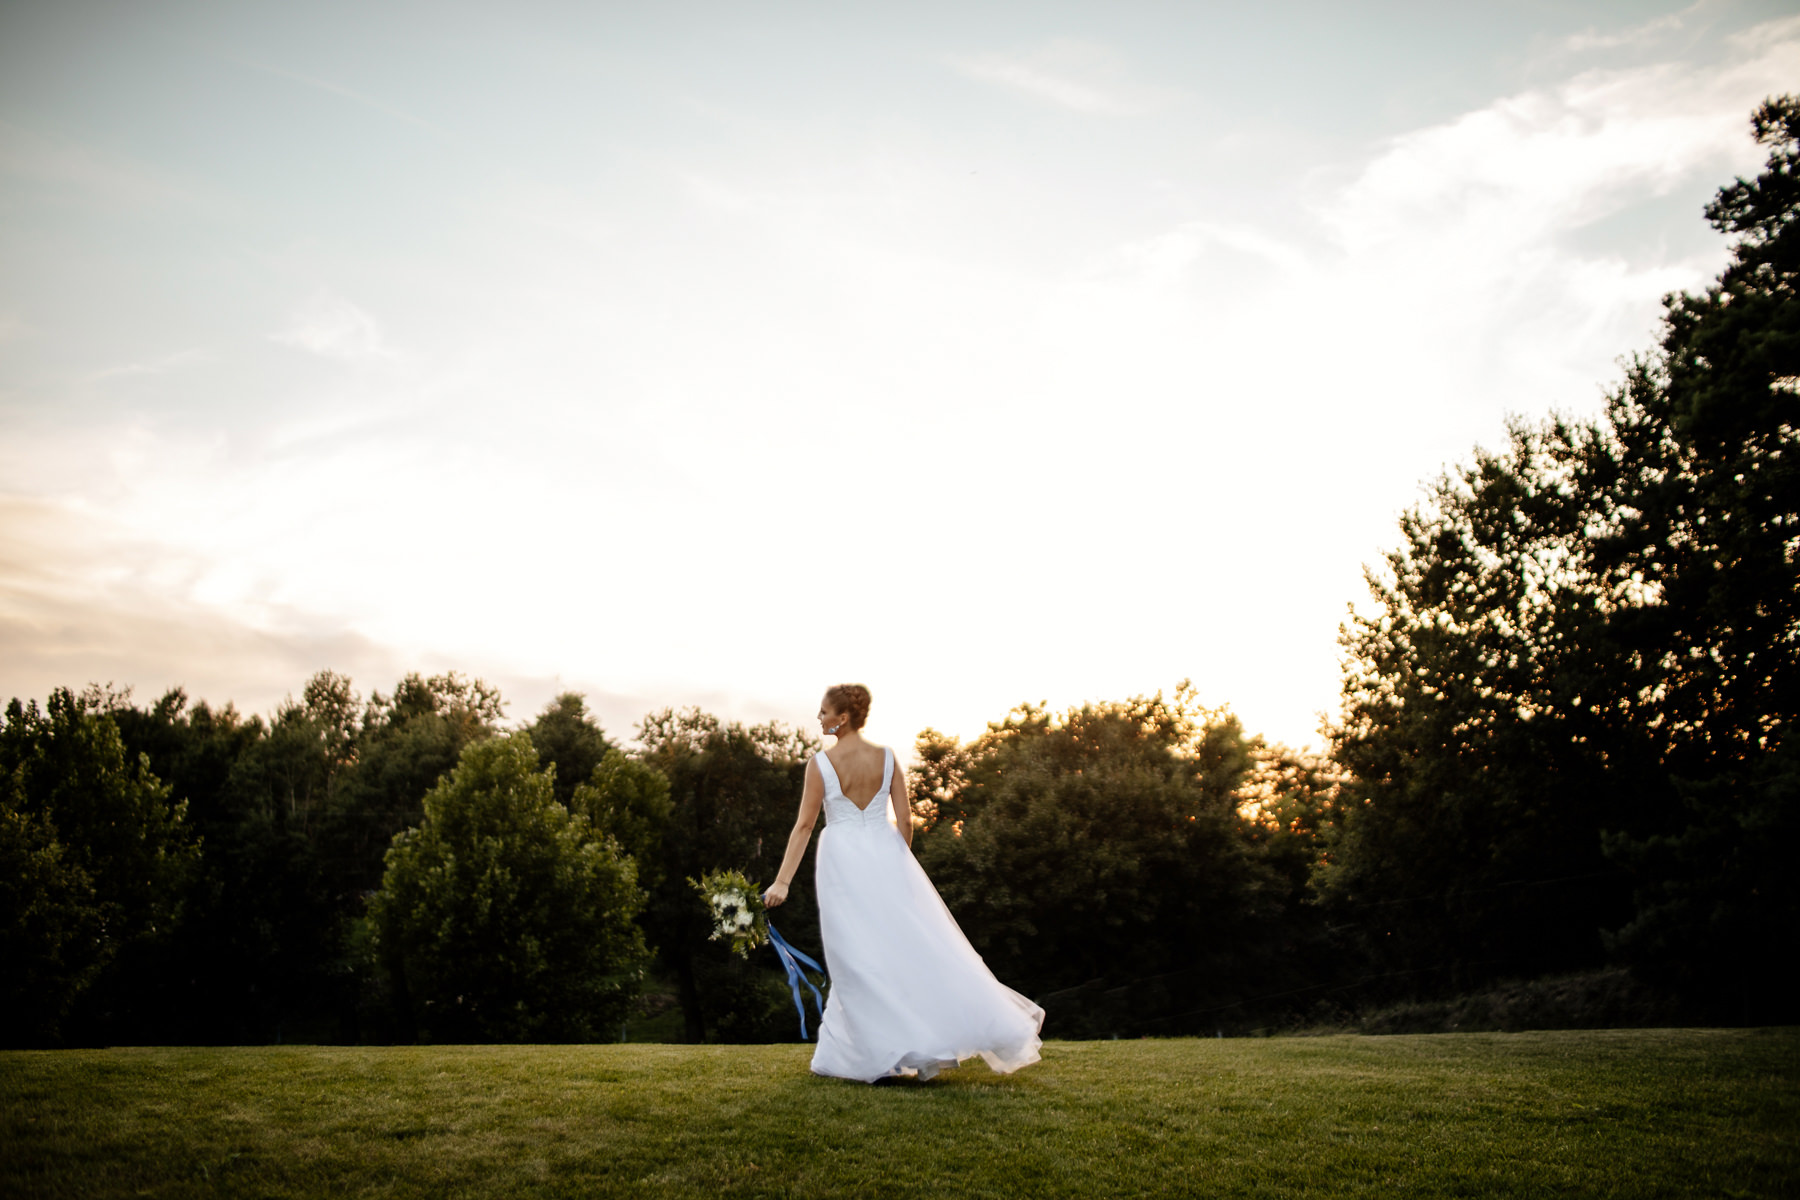 sesja w dniu ślubu kasia i tomek